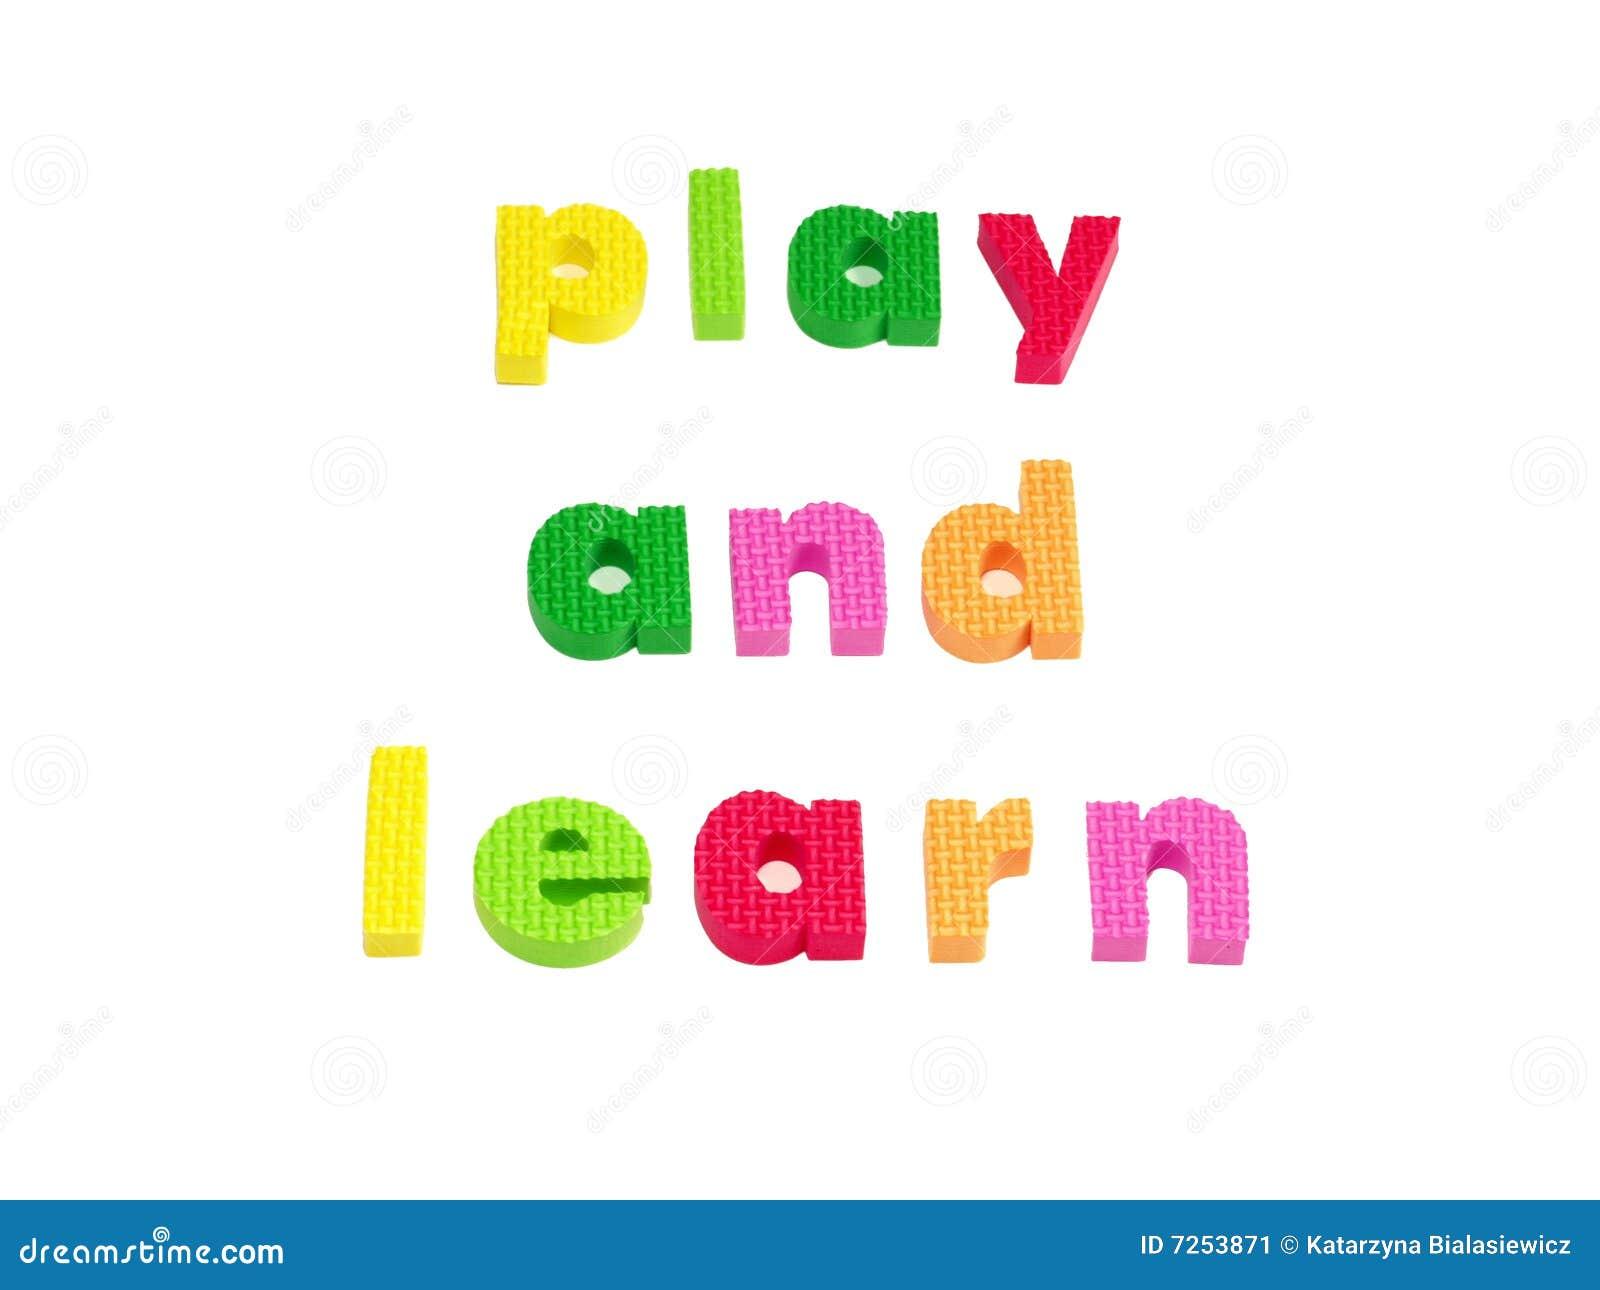 Play and learn nursery bridgend movie